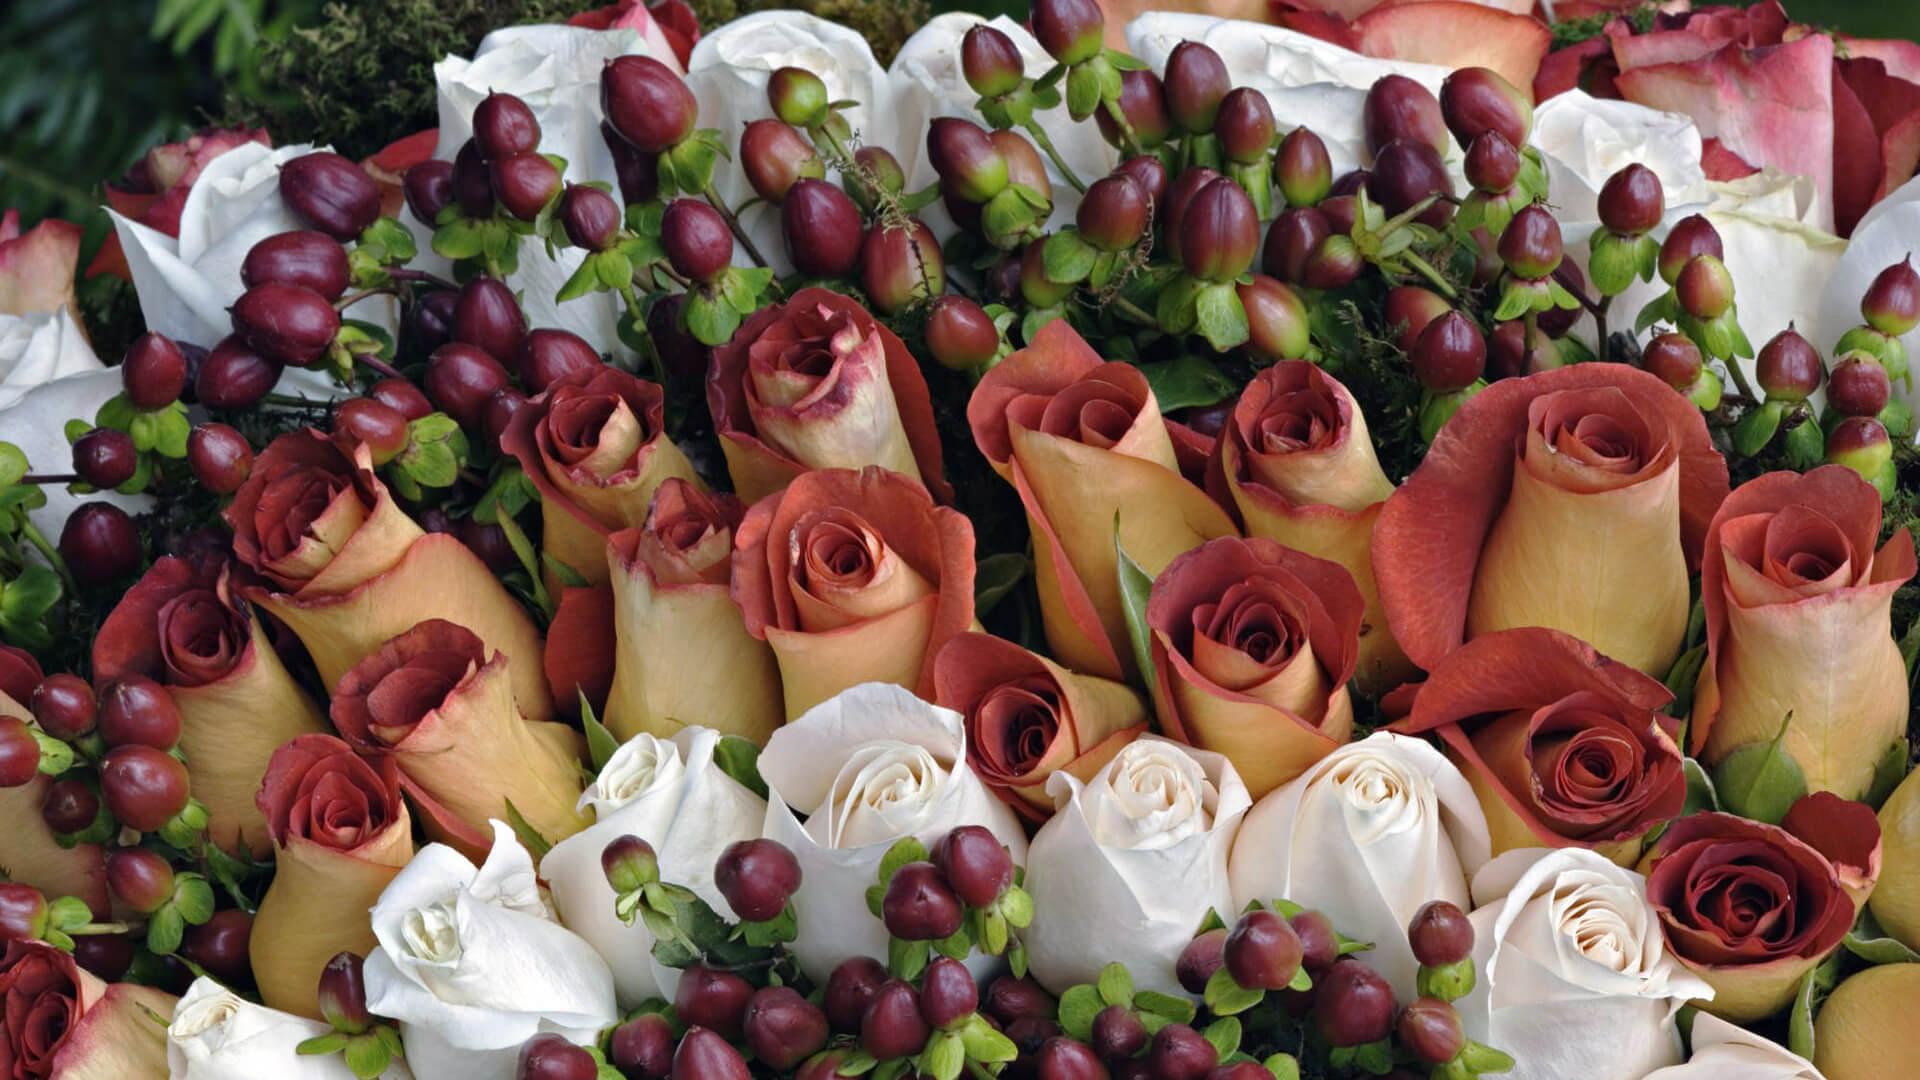 Удивительные картинки с розами, интересная сборка 27 фото 17